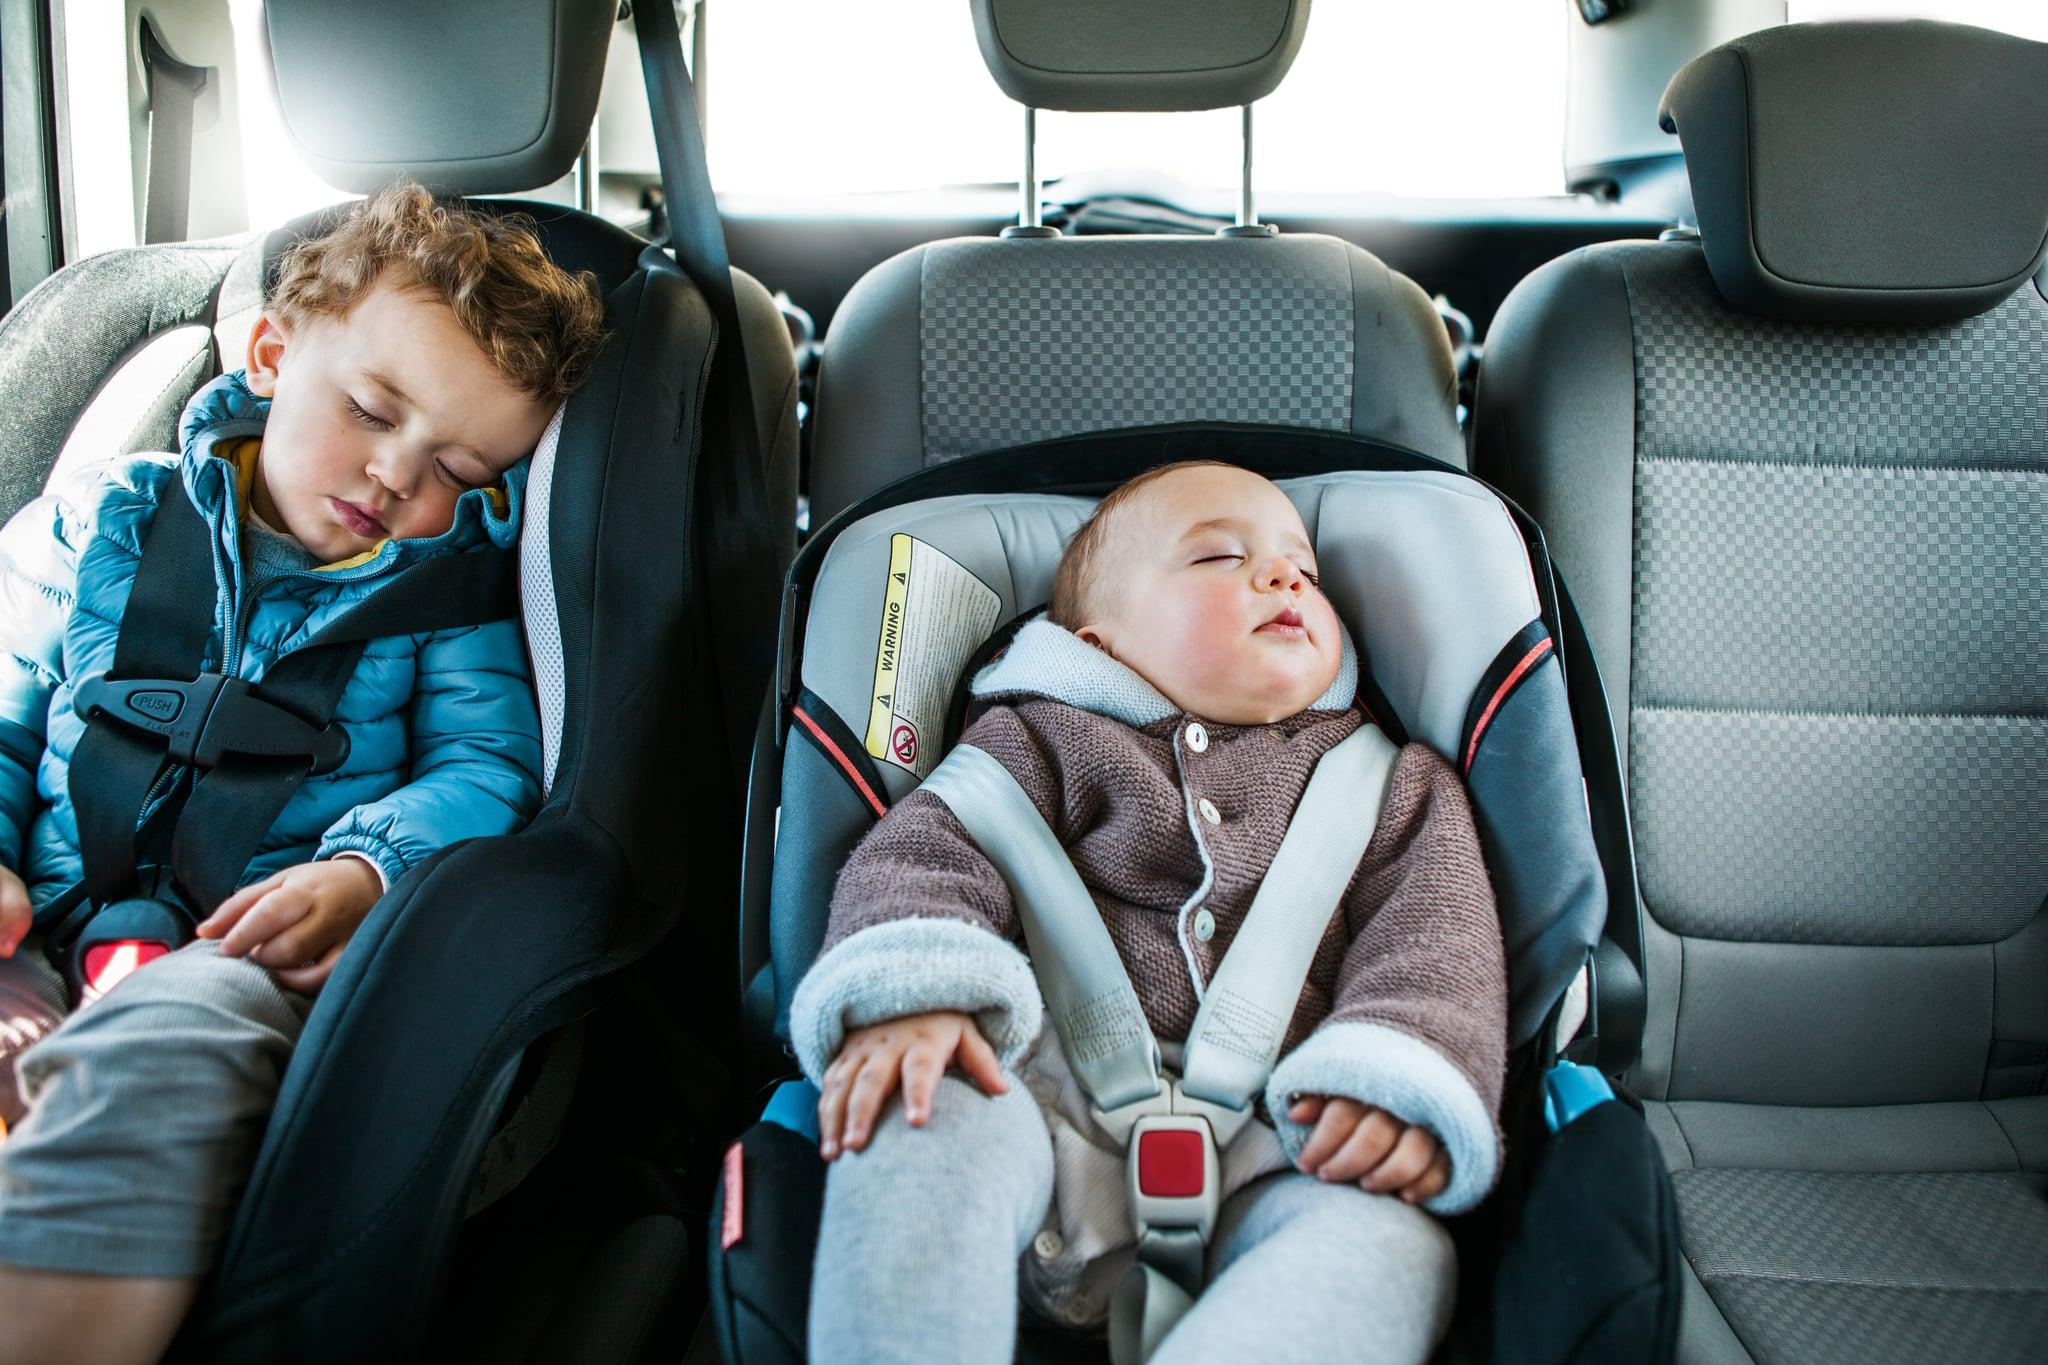 Лучшие автокресла для детей 2020